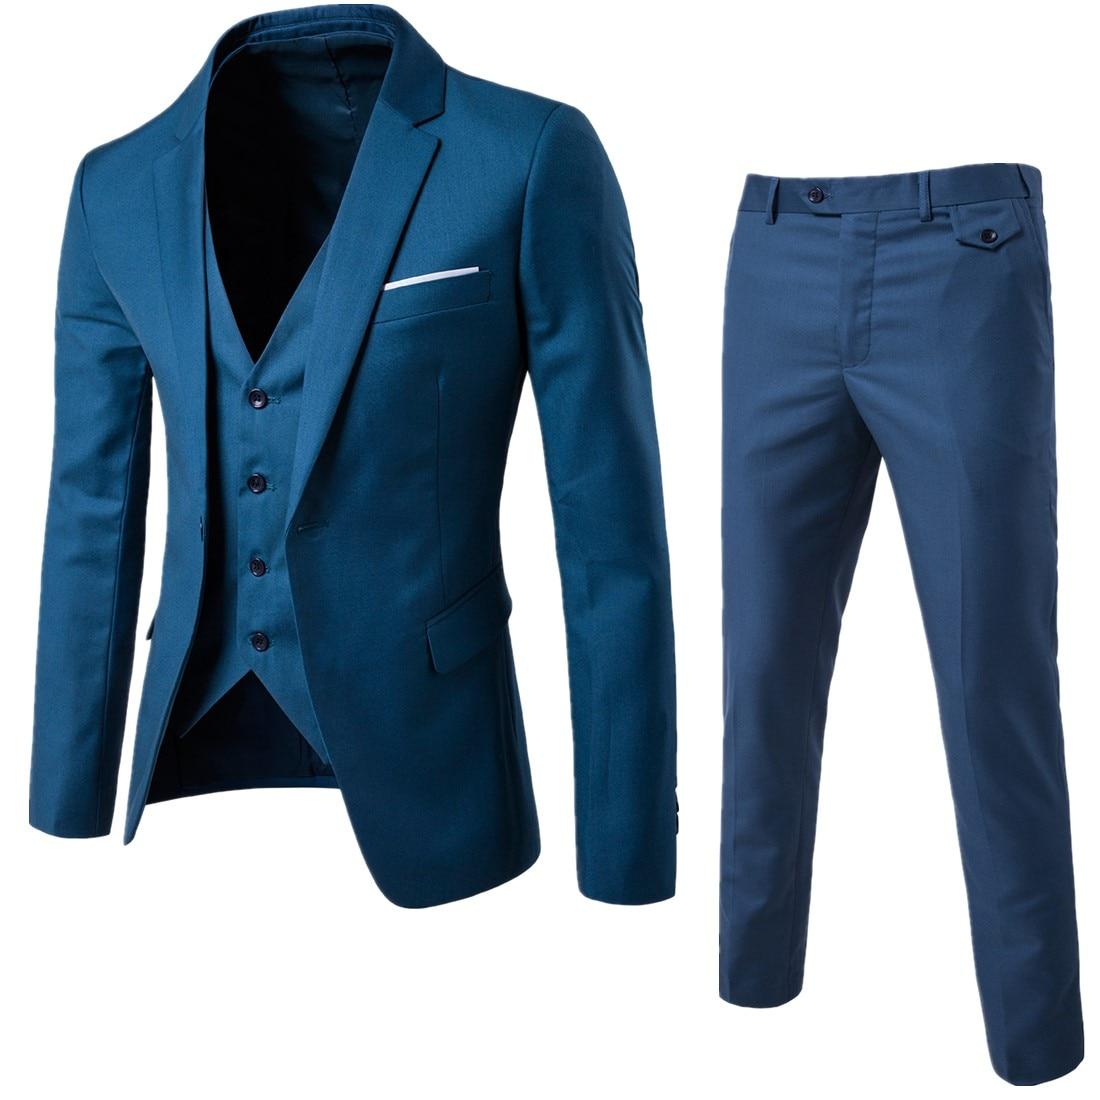 Anzüge Herren 2 Stück Anzüge Mit Hosen 2018 Marke Neue Slim Fit Einreiher Anzug Männer Business Formale Anzüge Für Hochzeit Terno Masculino